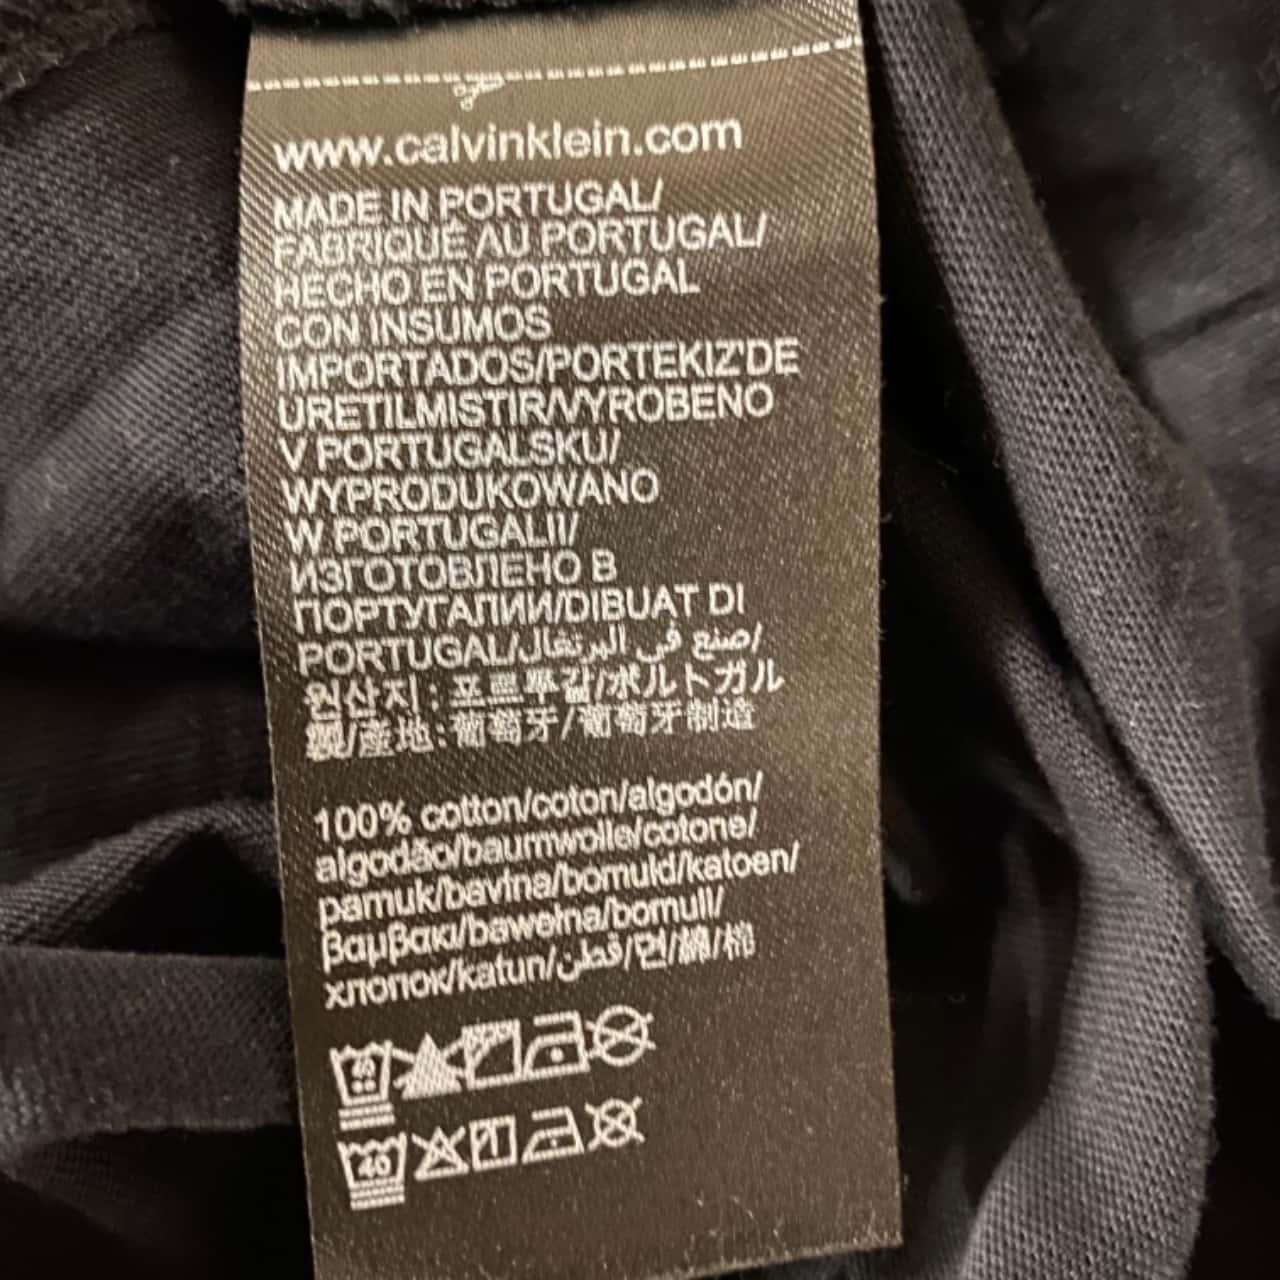 Calvin Klein Jeans Mens  T-Shirt Size L Black